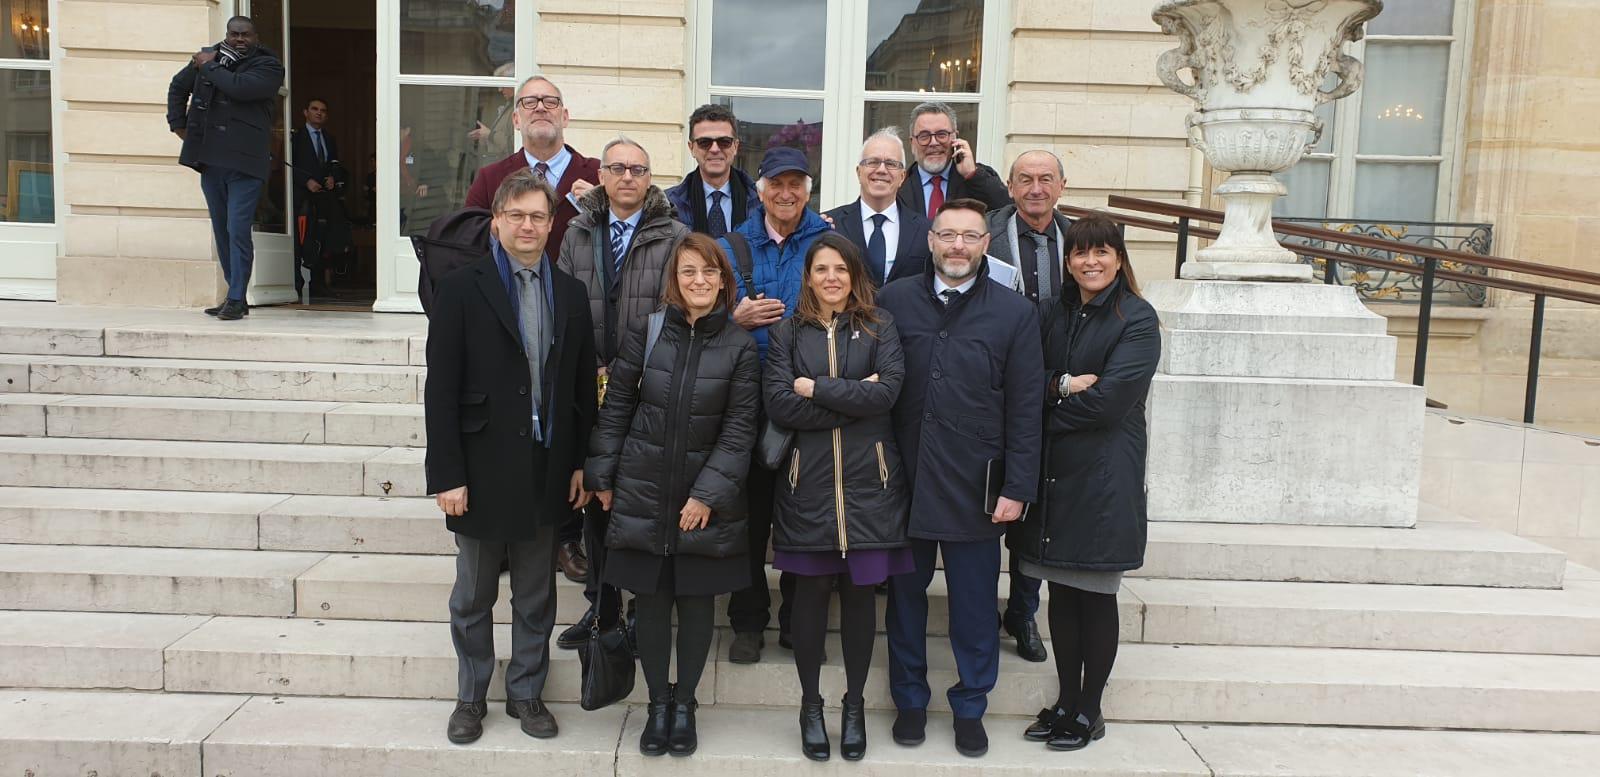 L'Accademia del Turismo a Parigi in occasione del 50° anniversario di AMFORHT